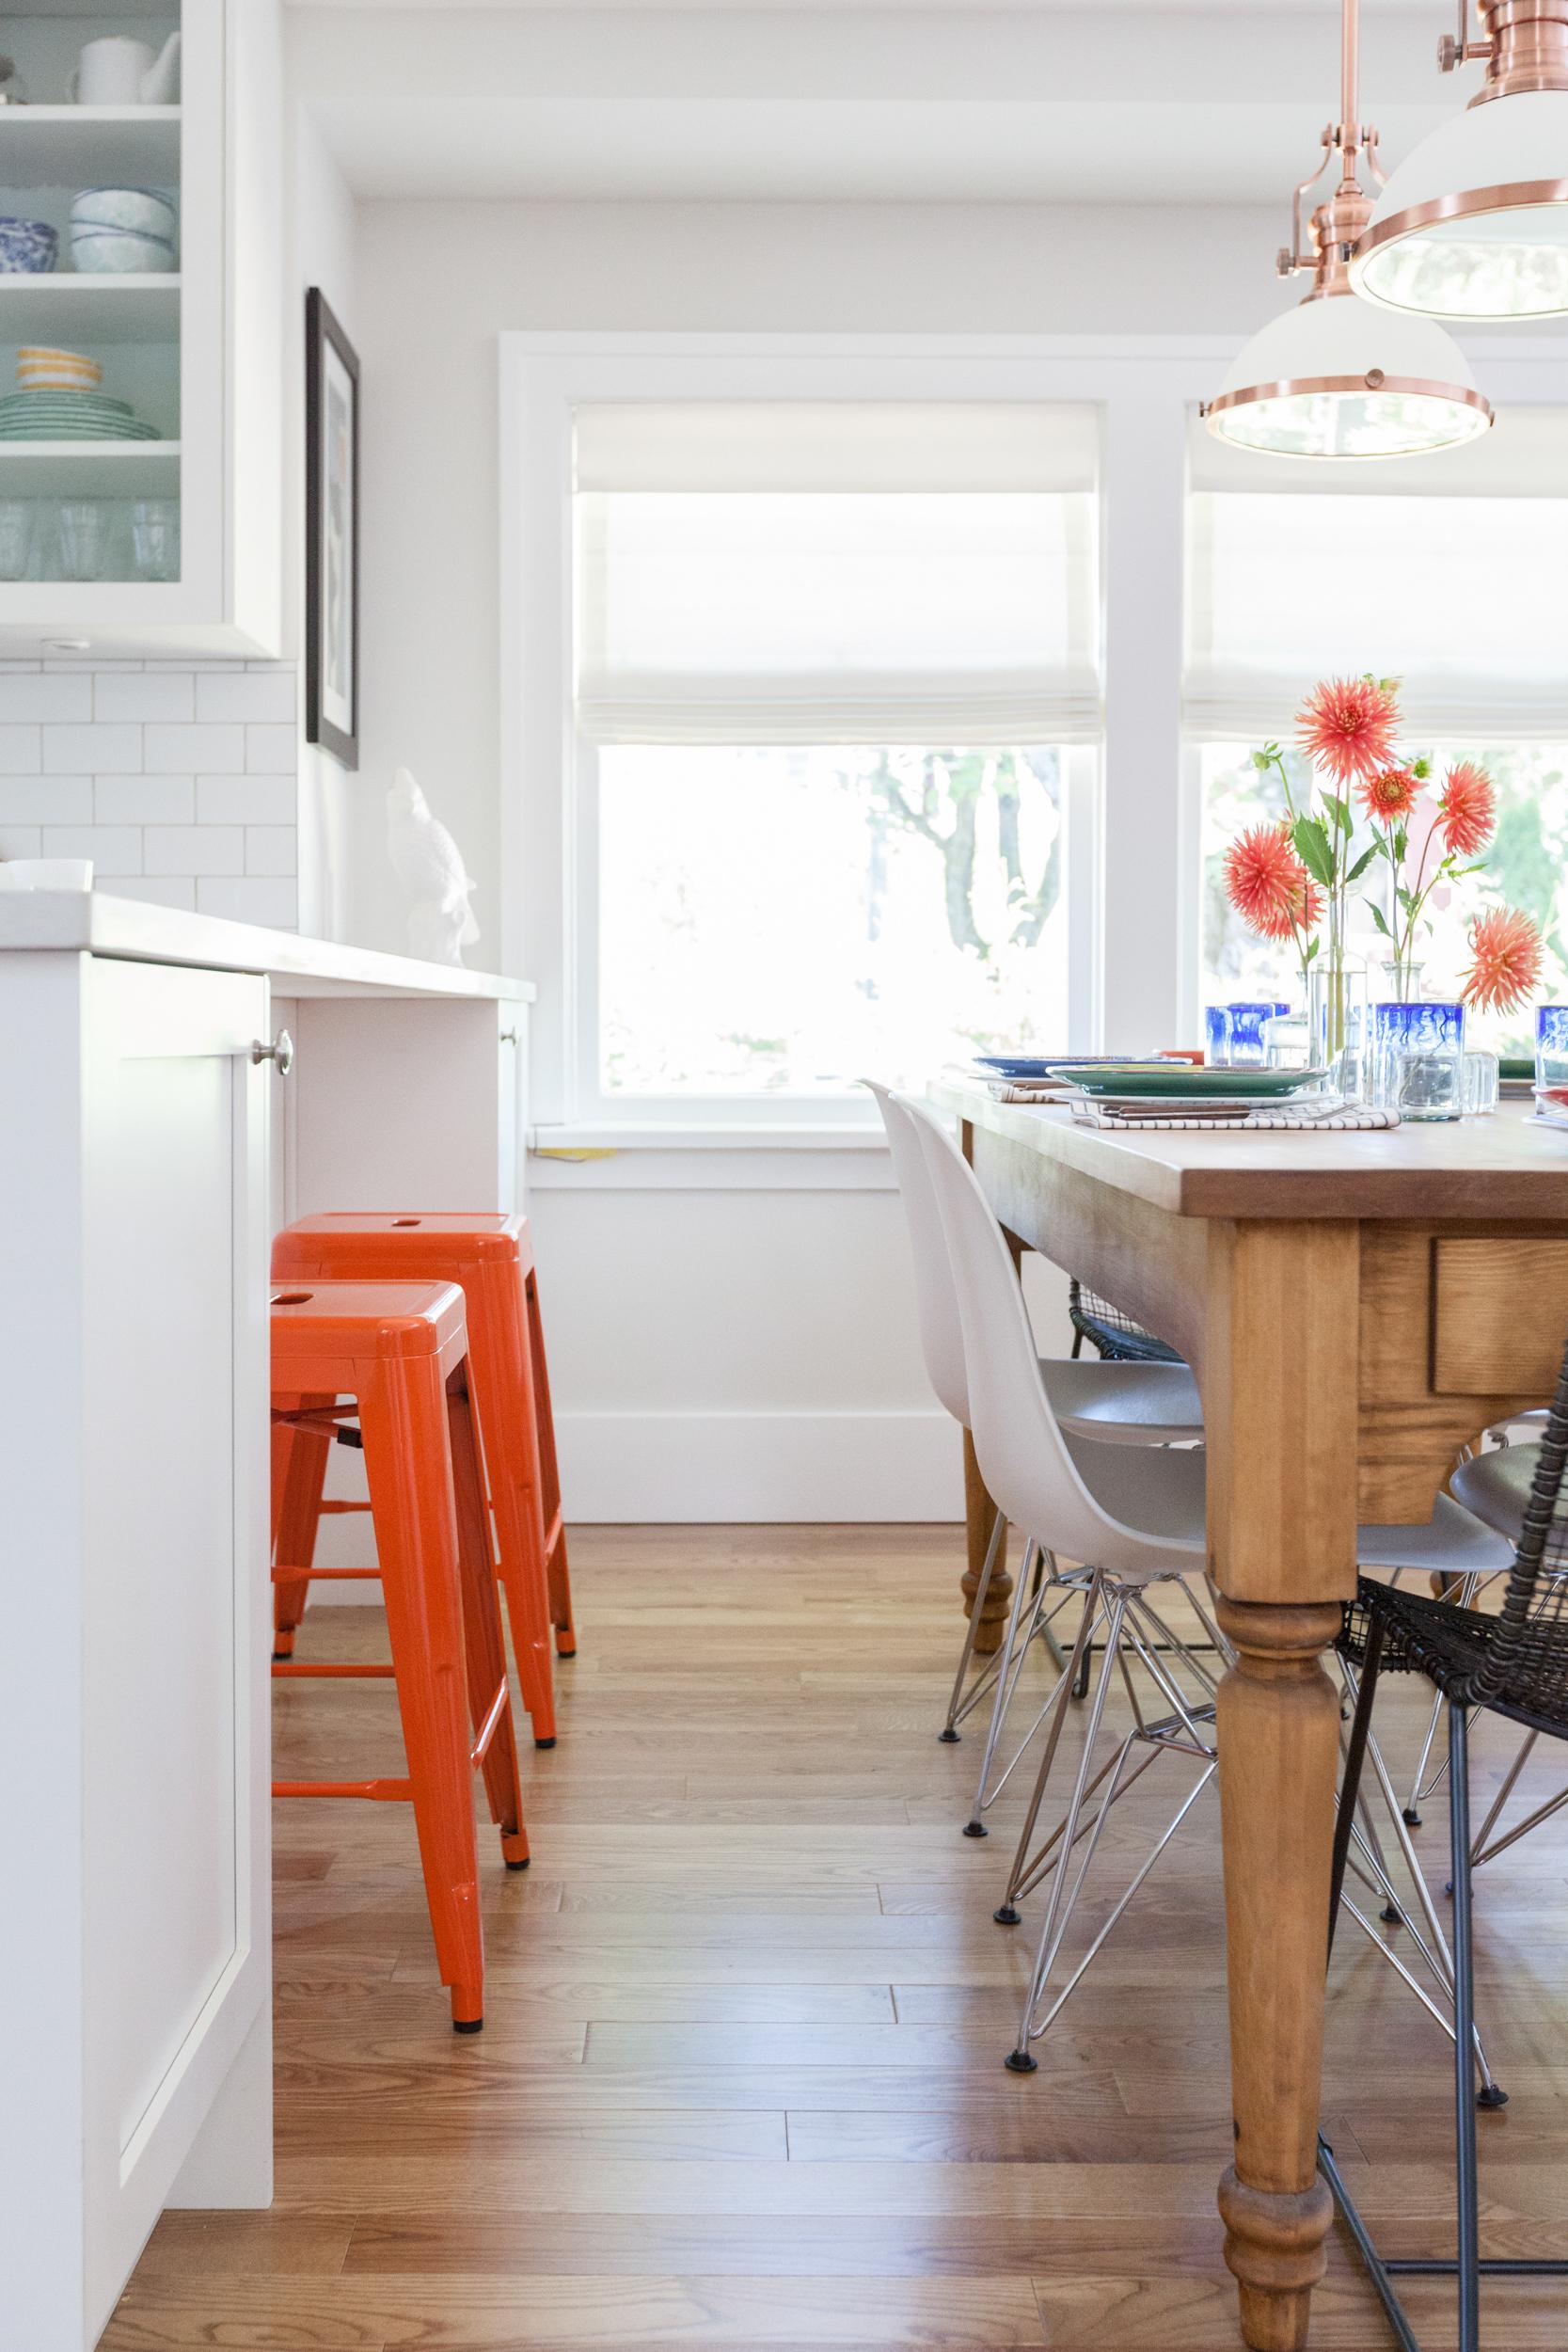 designreflektor-editorial-commercial-photopgraphy-vancouver-0214.jpg